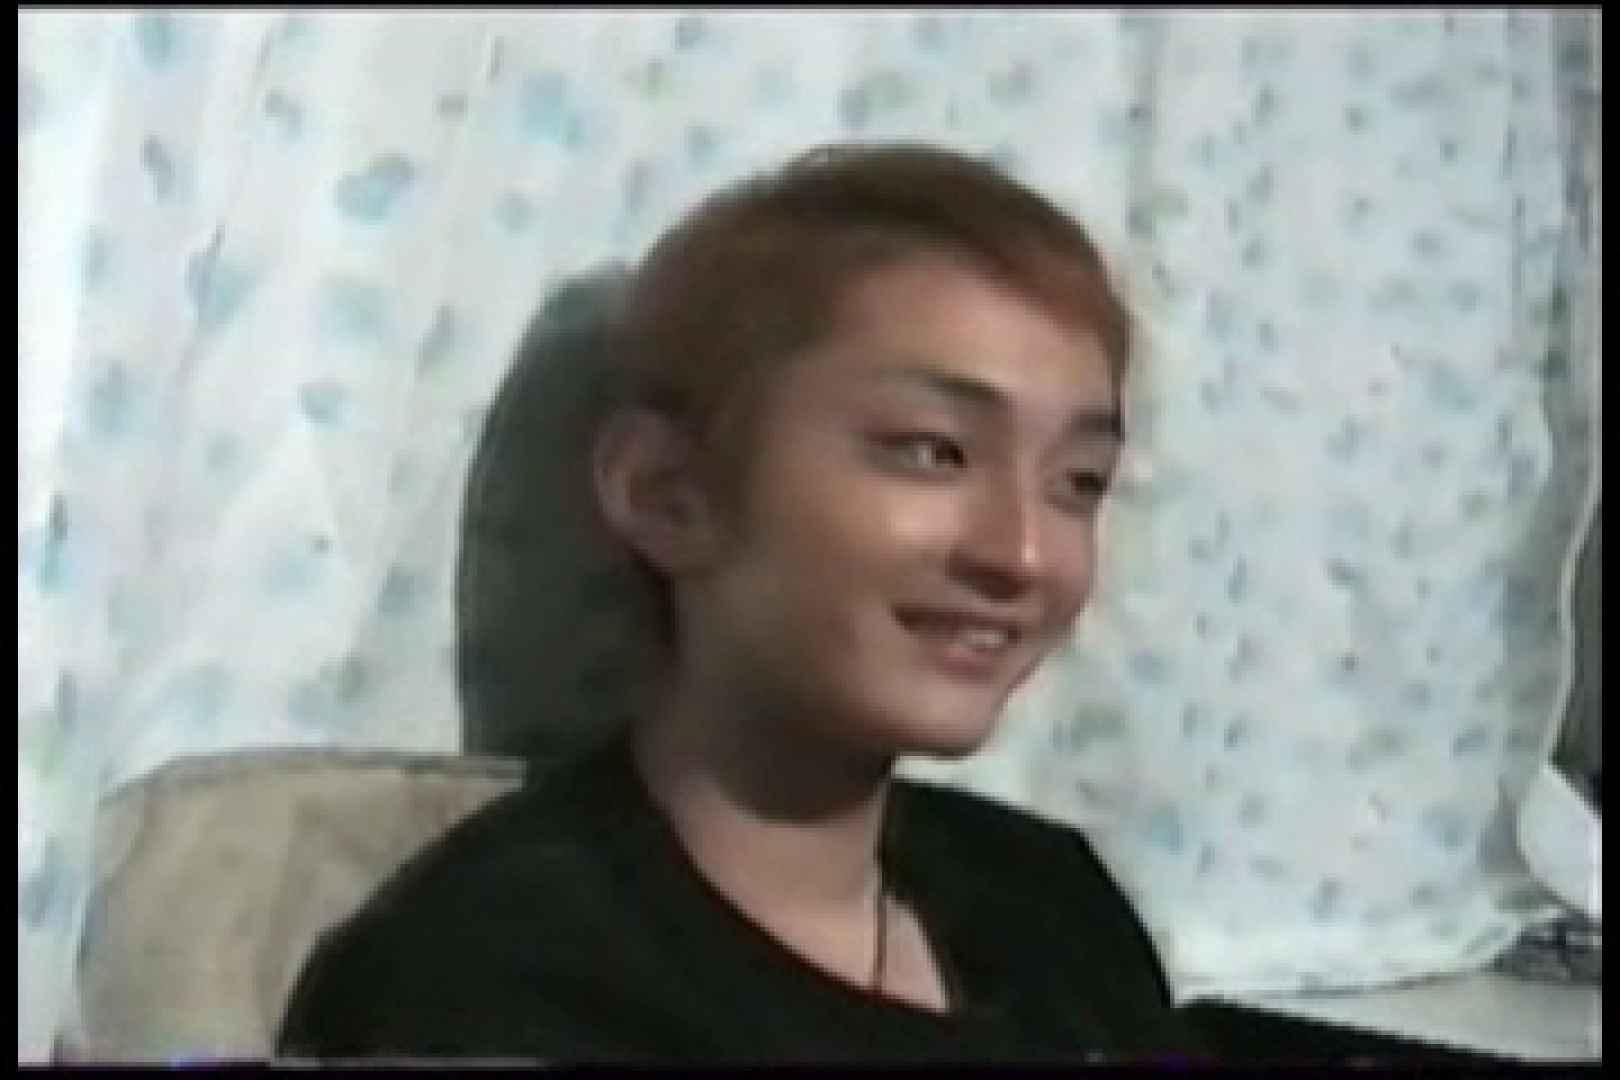 【流出】アイドルを目指したジャニ系イケメンの過去 ノンケの裸 ゲイ無料エロ画像 70画像 46